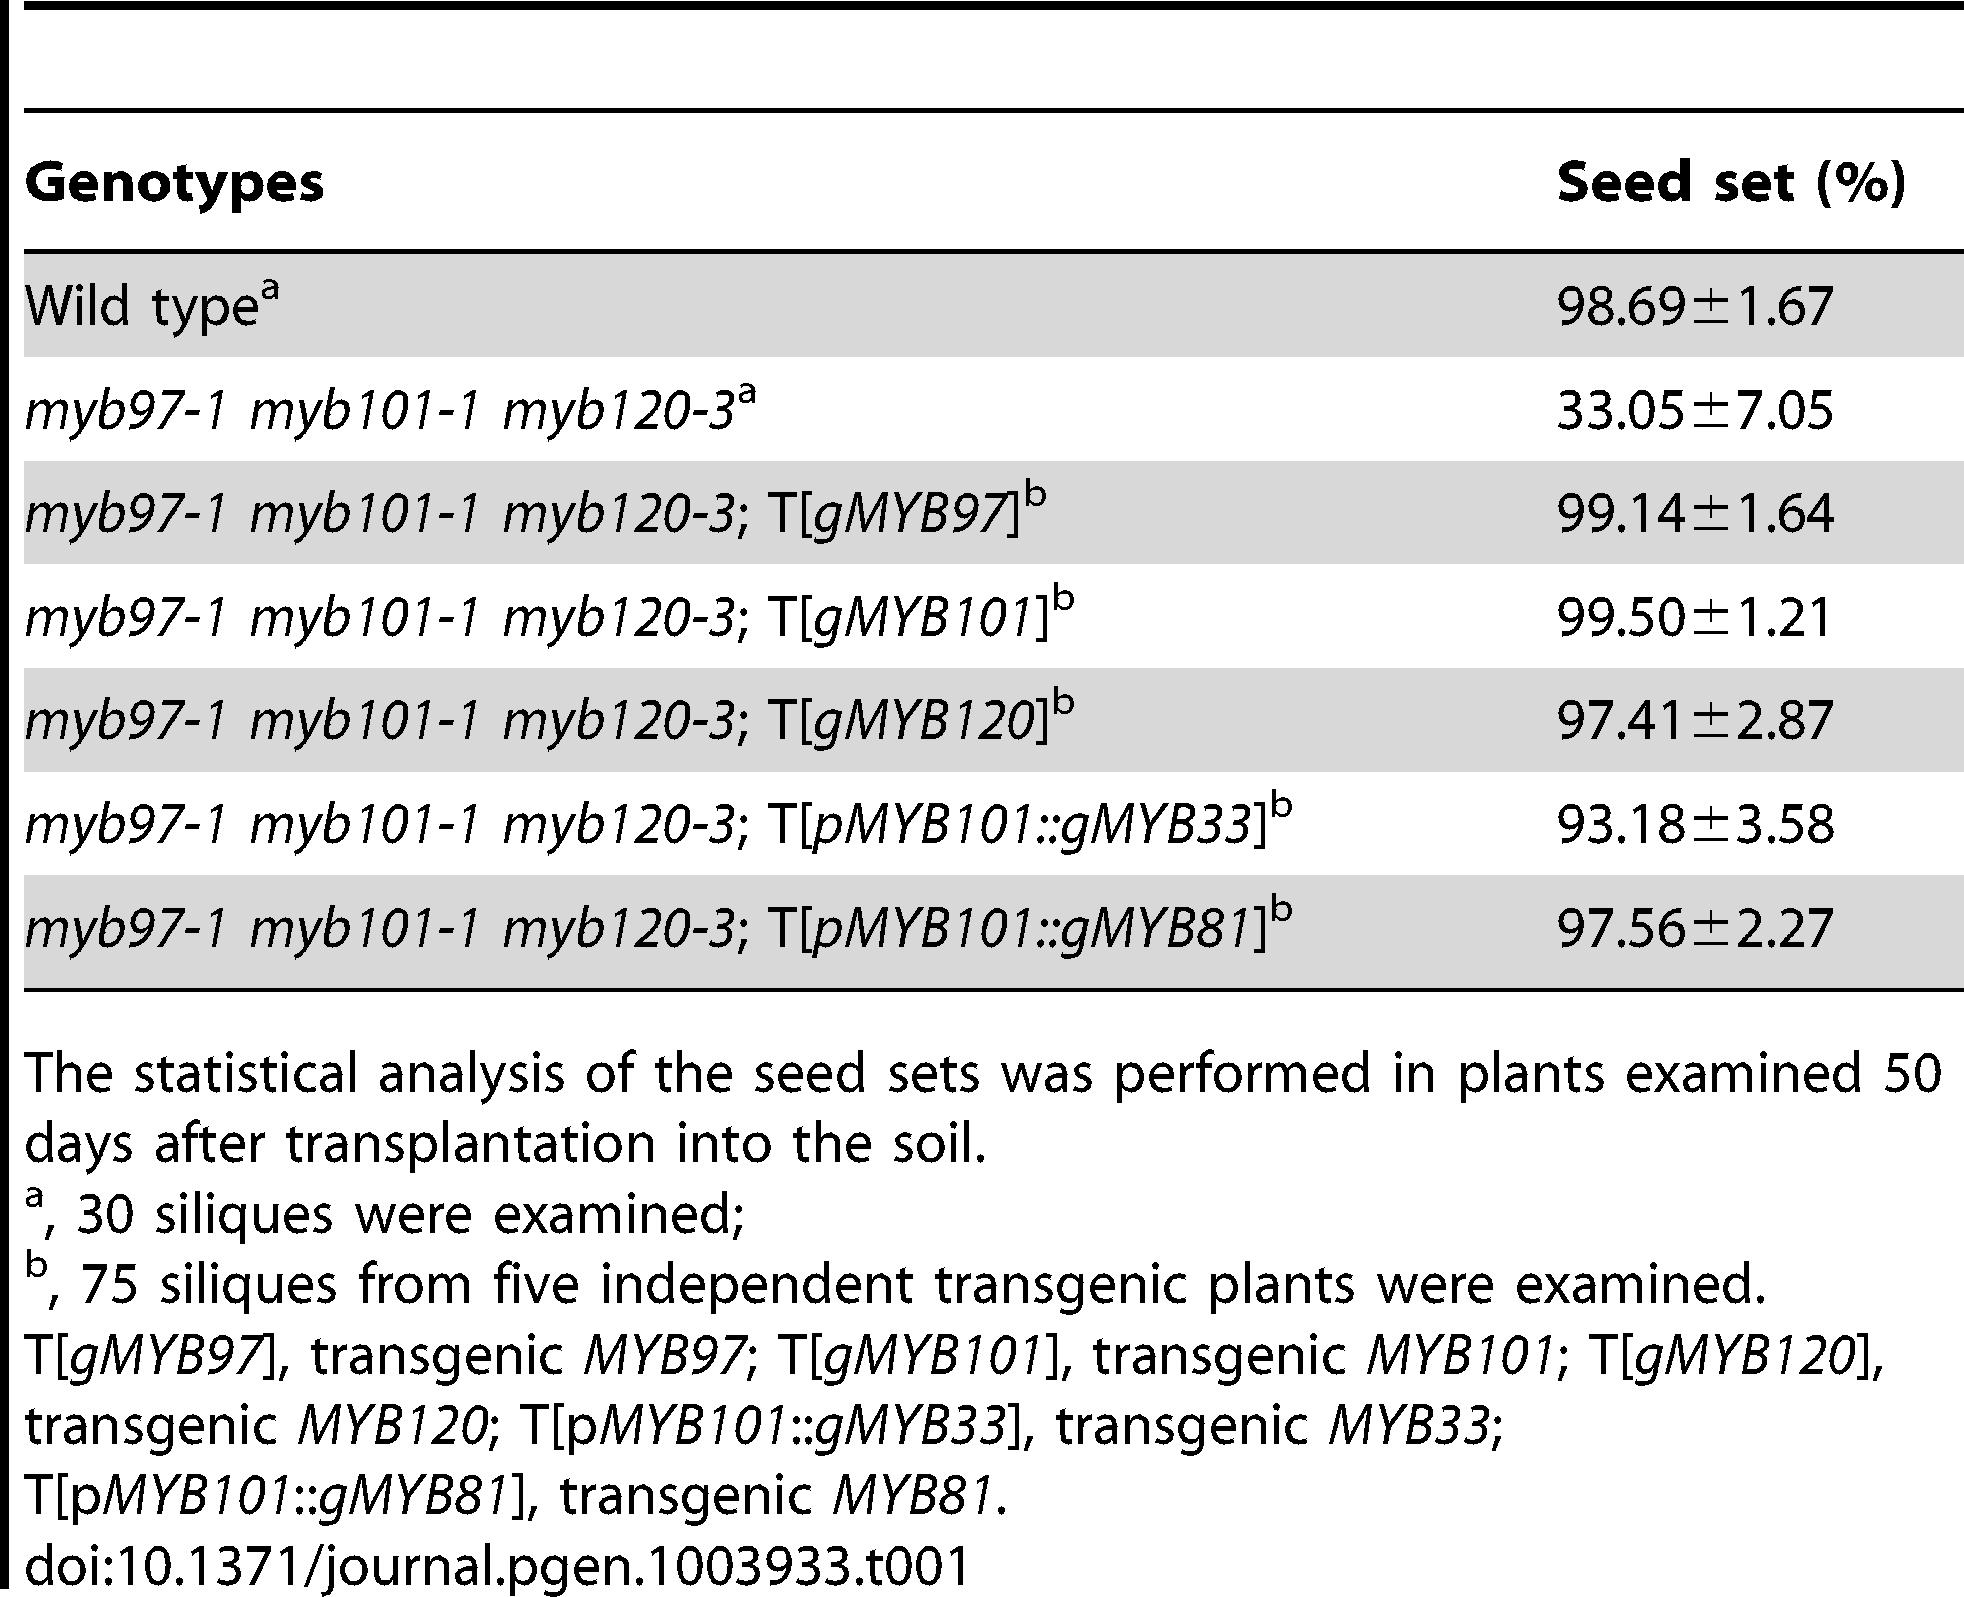 Complementation analysis of <i>myb97-1 myb101-1 myb120-3</i> triple homozygous mutant.